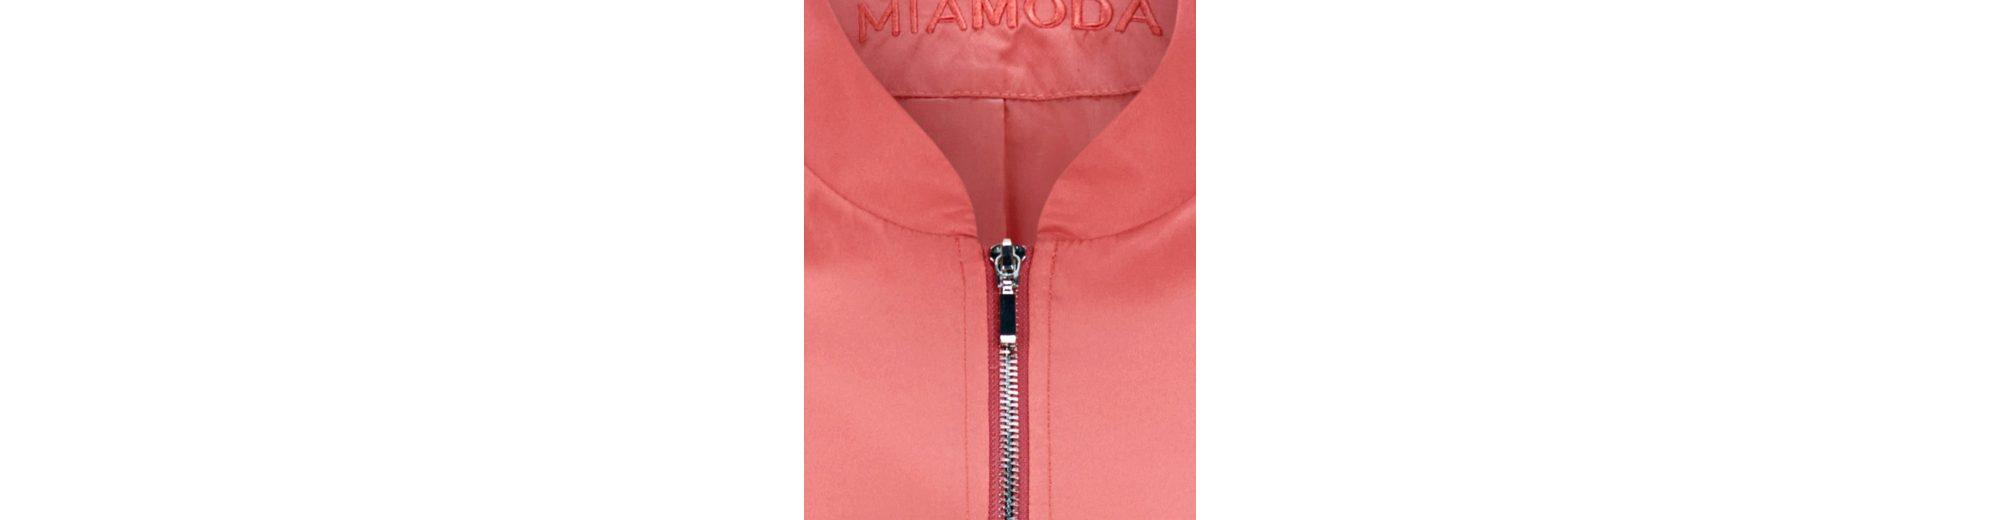 MIAMODA Blouson aus leichtem Webmaterial Großer Verkauf Shop-Angebot b1dHbKdW